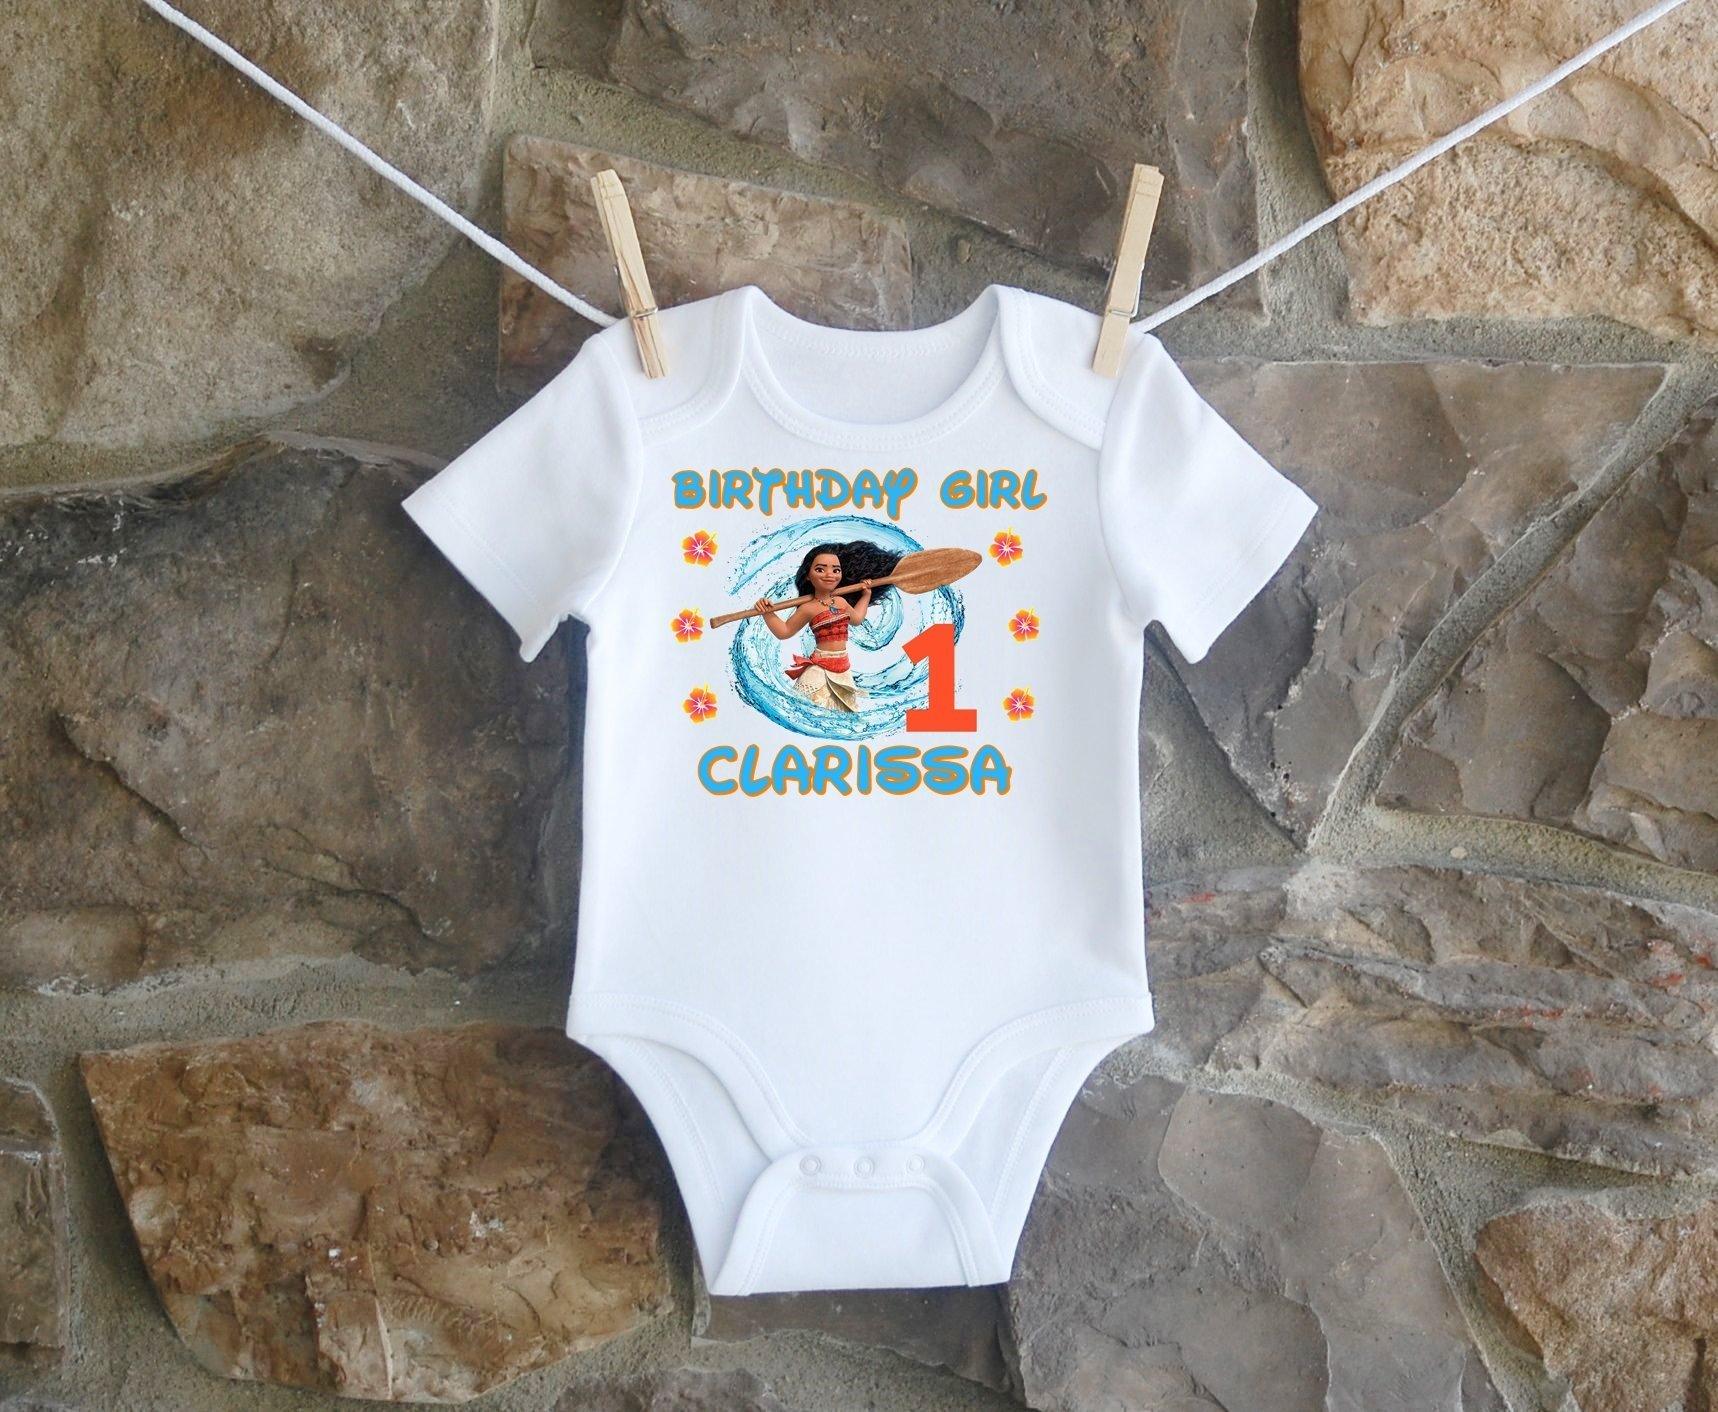 Moana Birthday Shirt,Moana Birthday Shirt For Girls, Personalized Girls Moana Birthday Shirt, Customized Moana Birthday Shirt